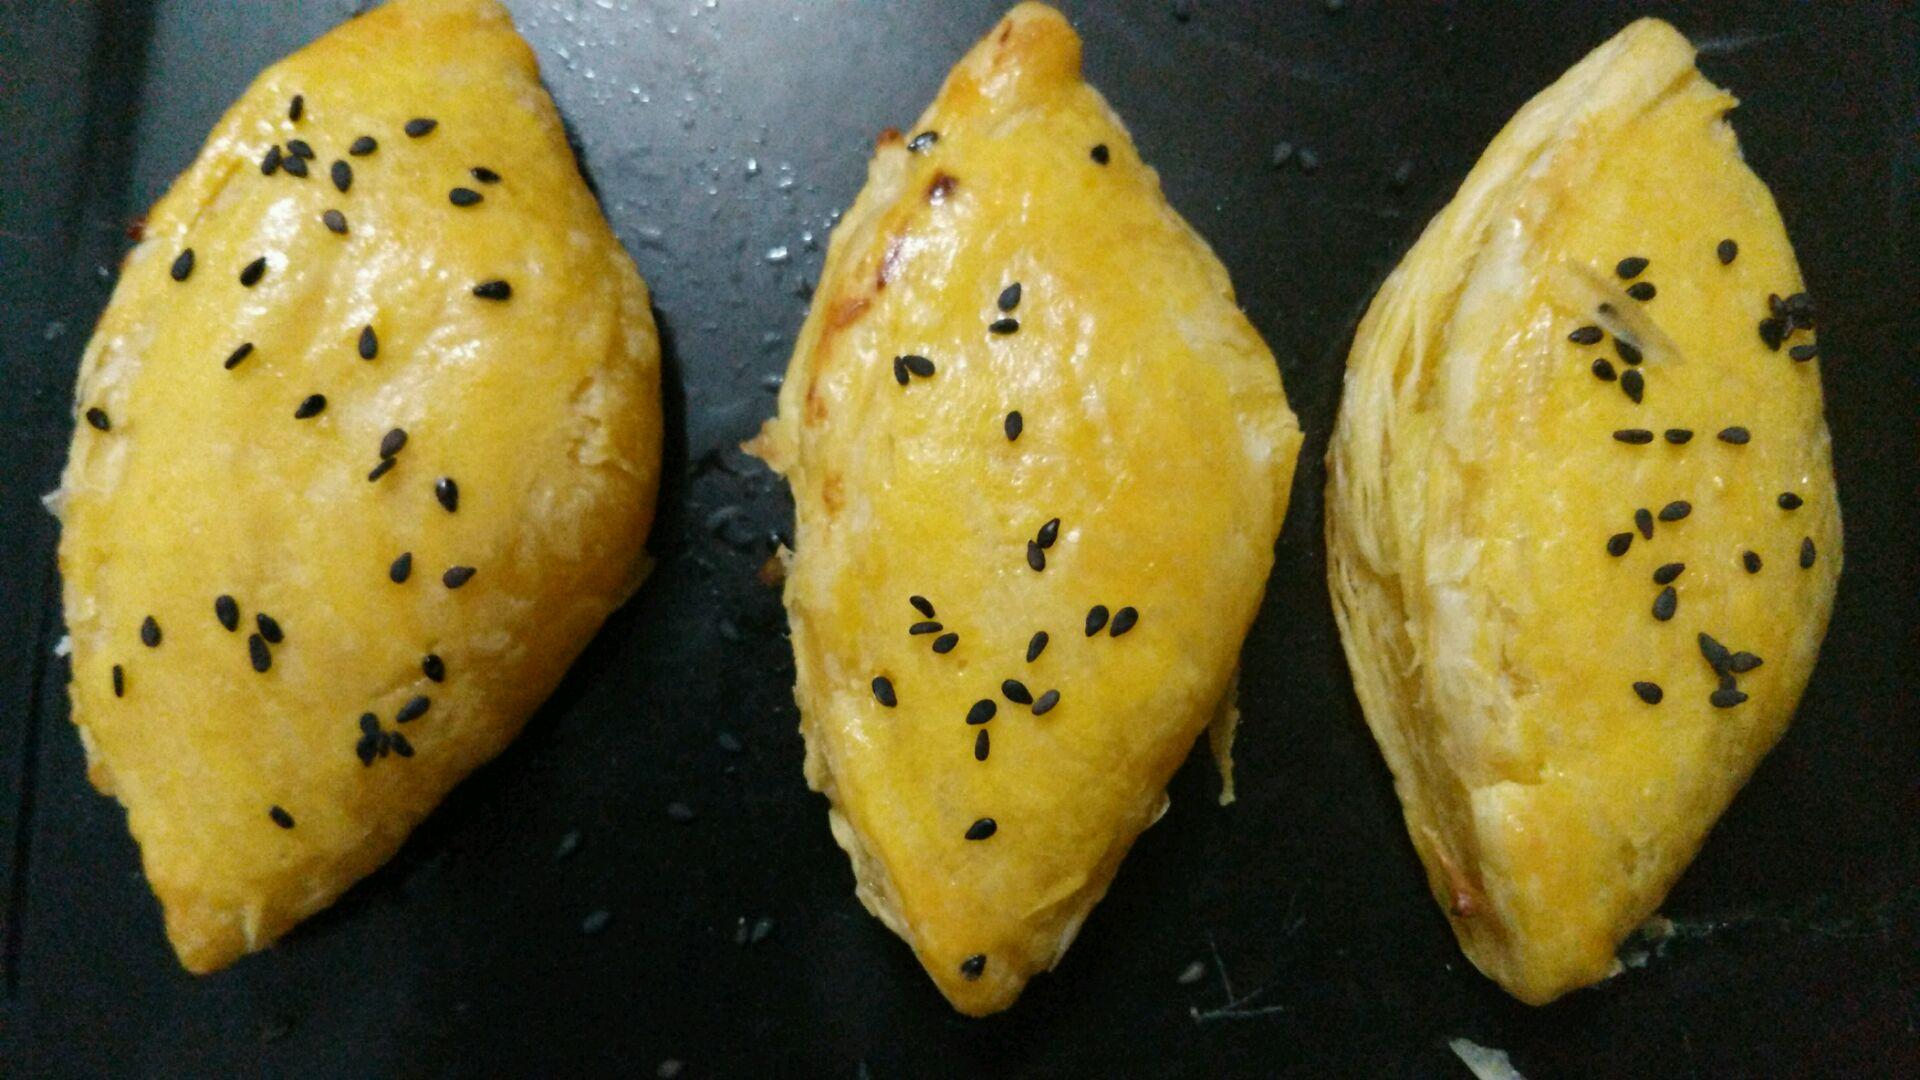 榴莲肉1块 蛋黄液(刷表面用)1个 黑芝麻适量 榴莲酥的做法步骤 1.